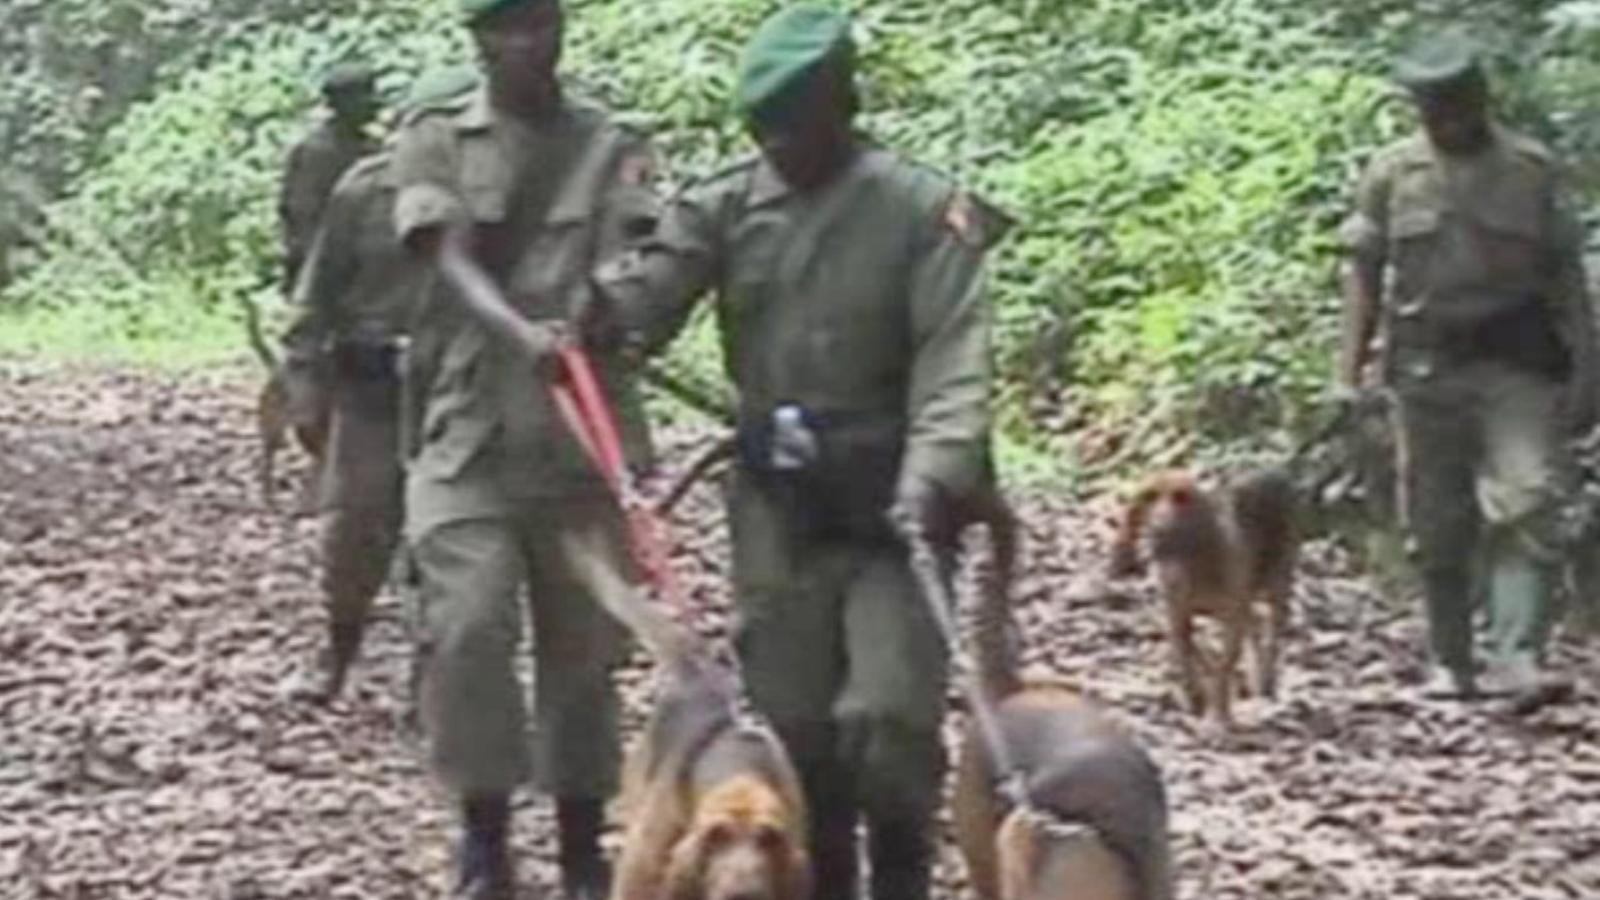 El Congo defensa l'habitat dels goril·les amb gossos